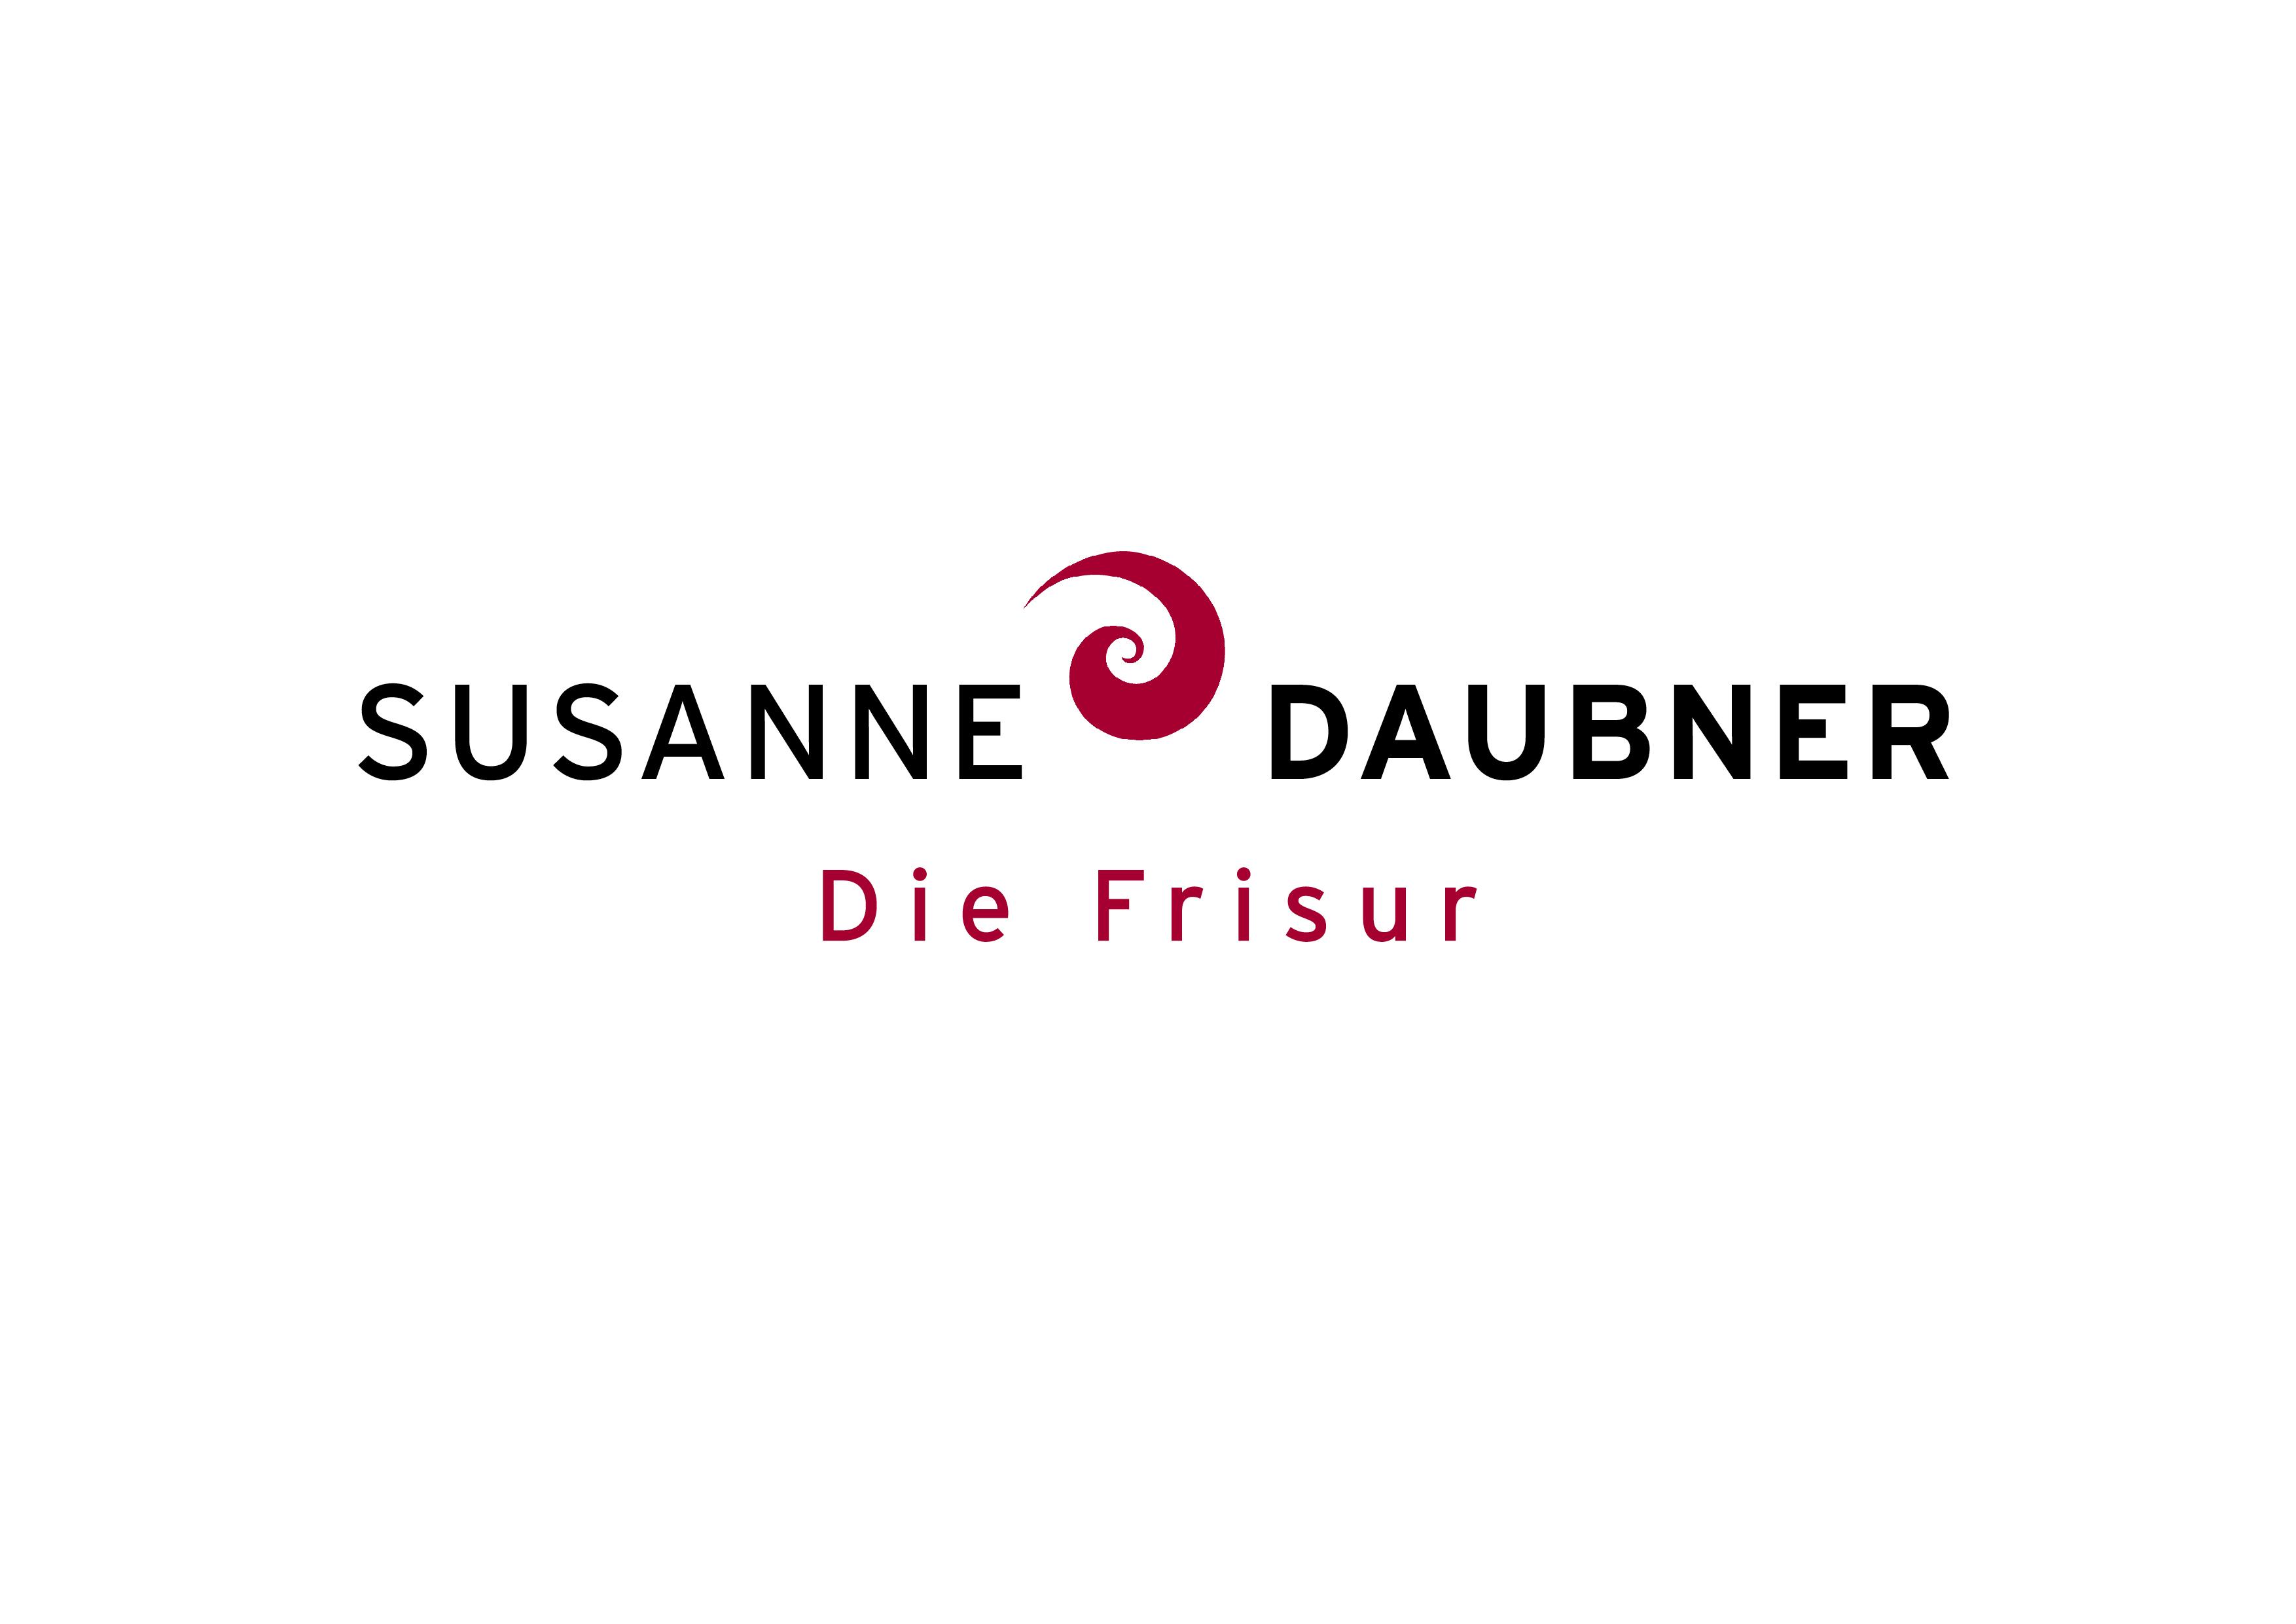 Susanne Daubner Die Frisur